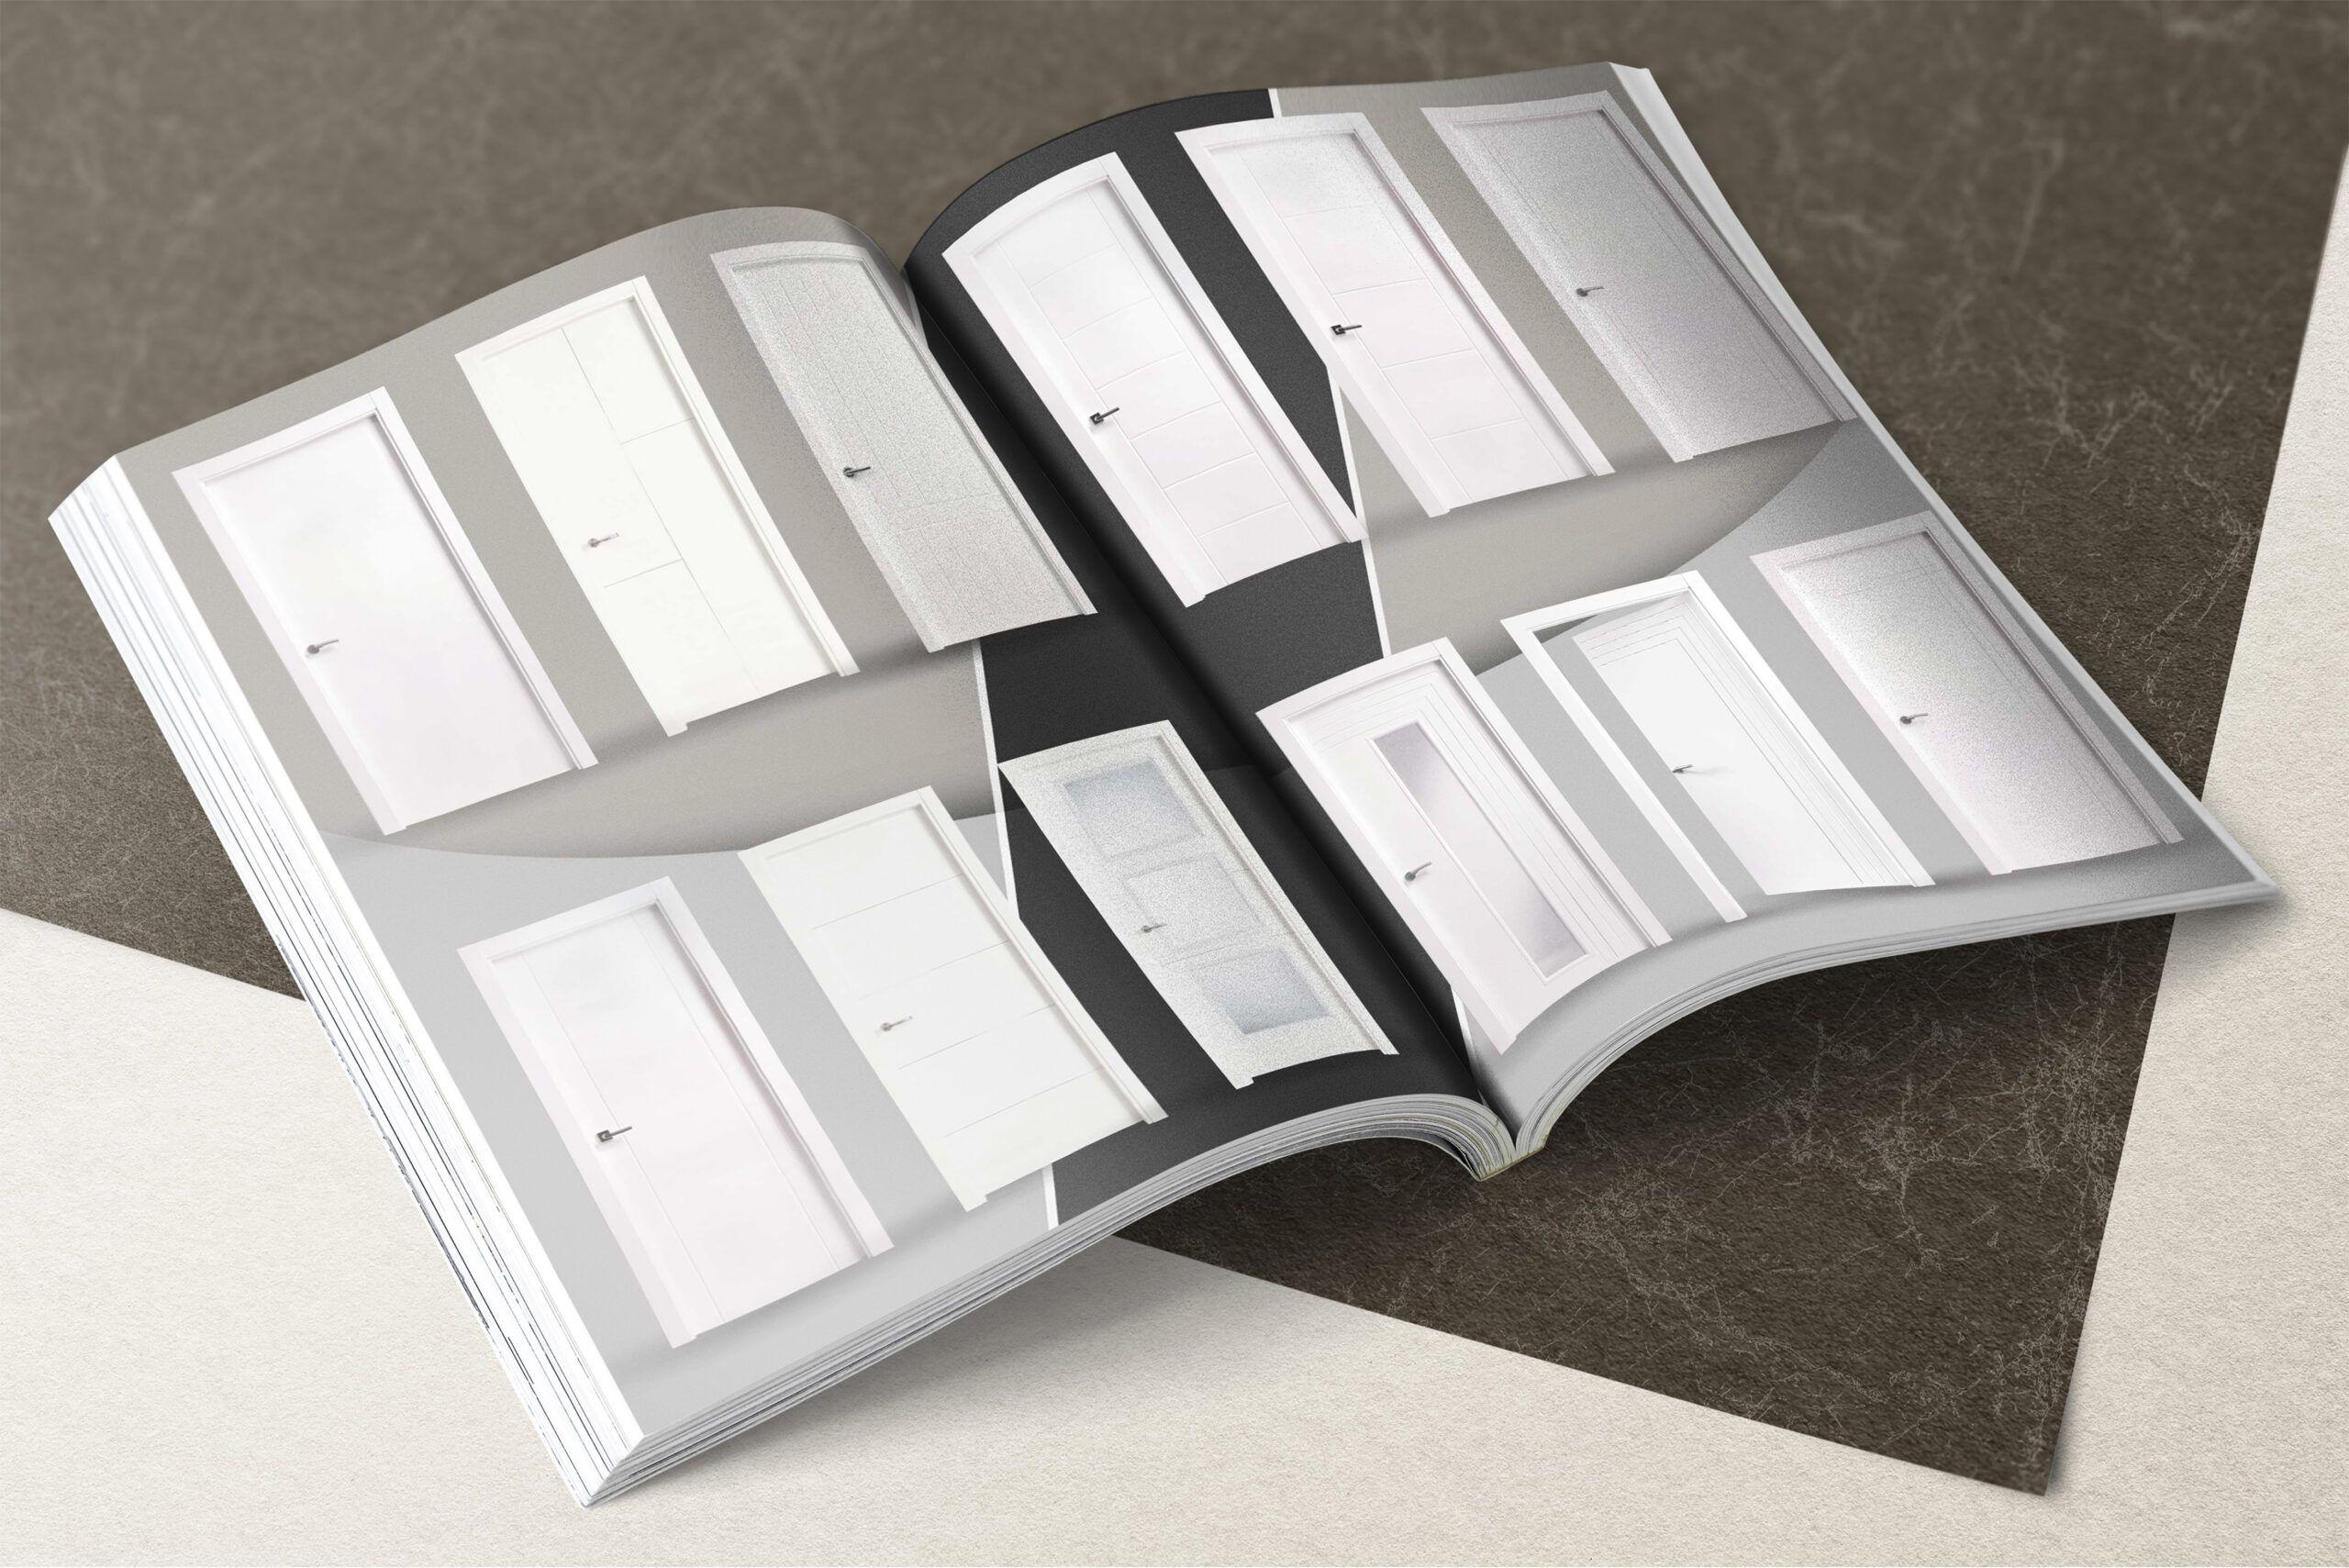 Catálogo de puertas Vencomad